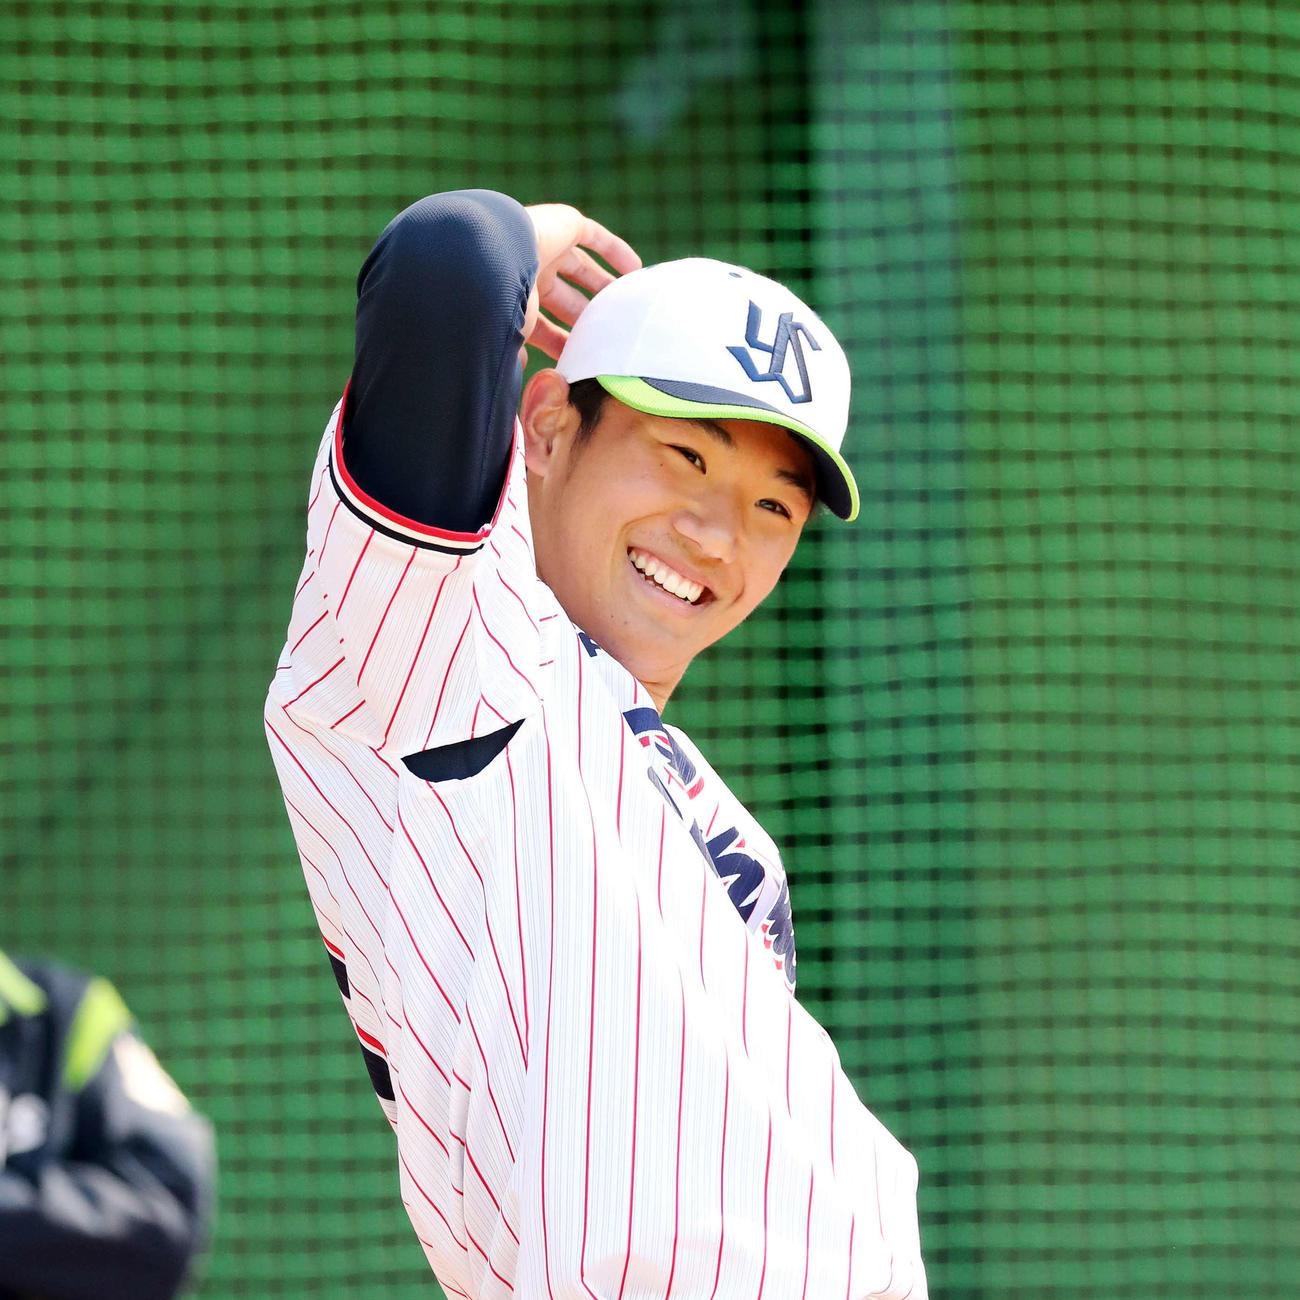 ブルペンで投球練習中、笑顔を見せるヤクルト奥川(撮影・鈴木正人)